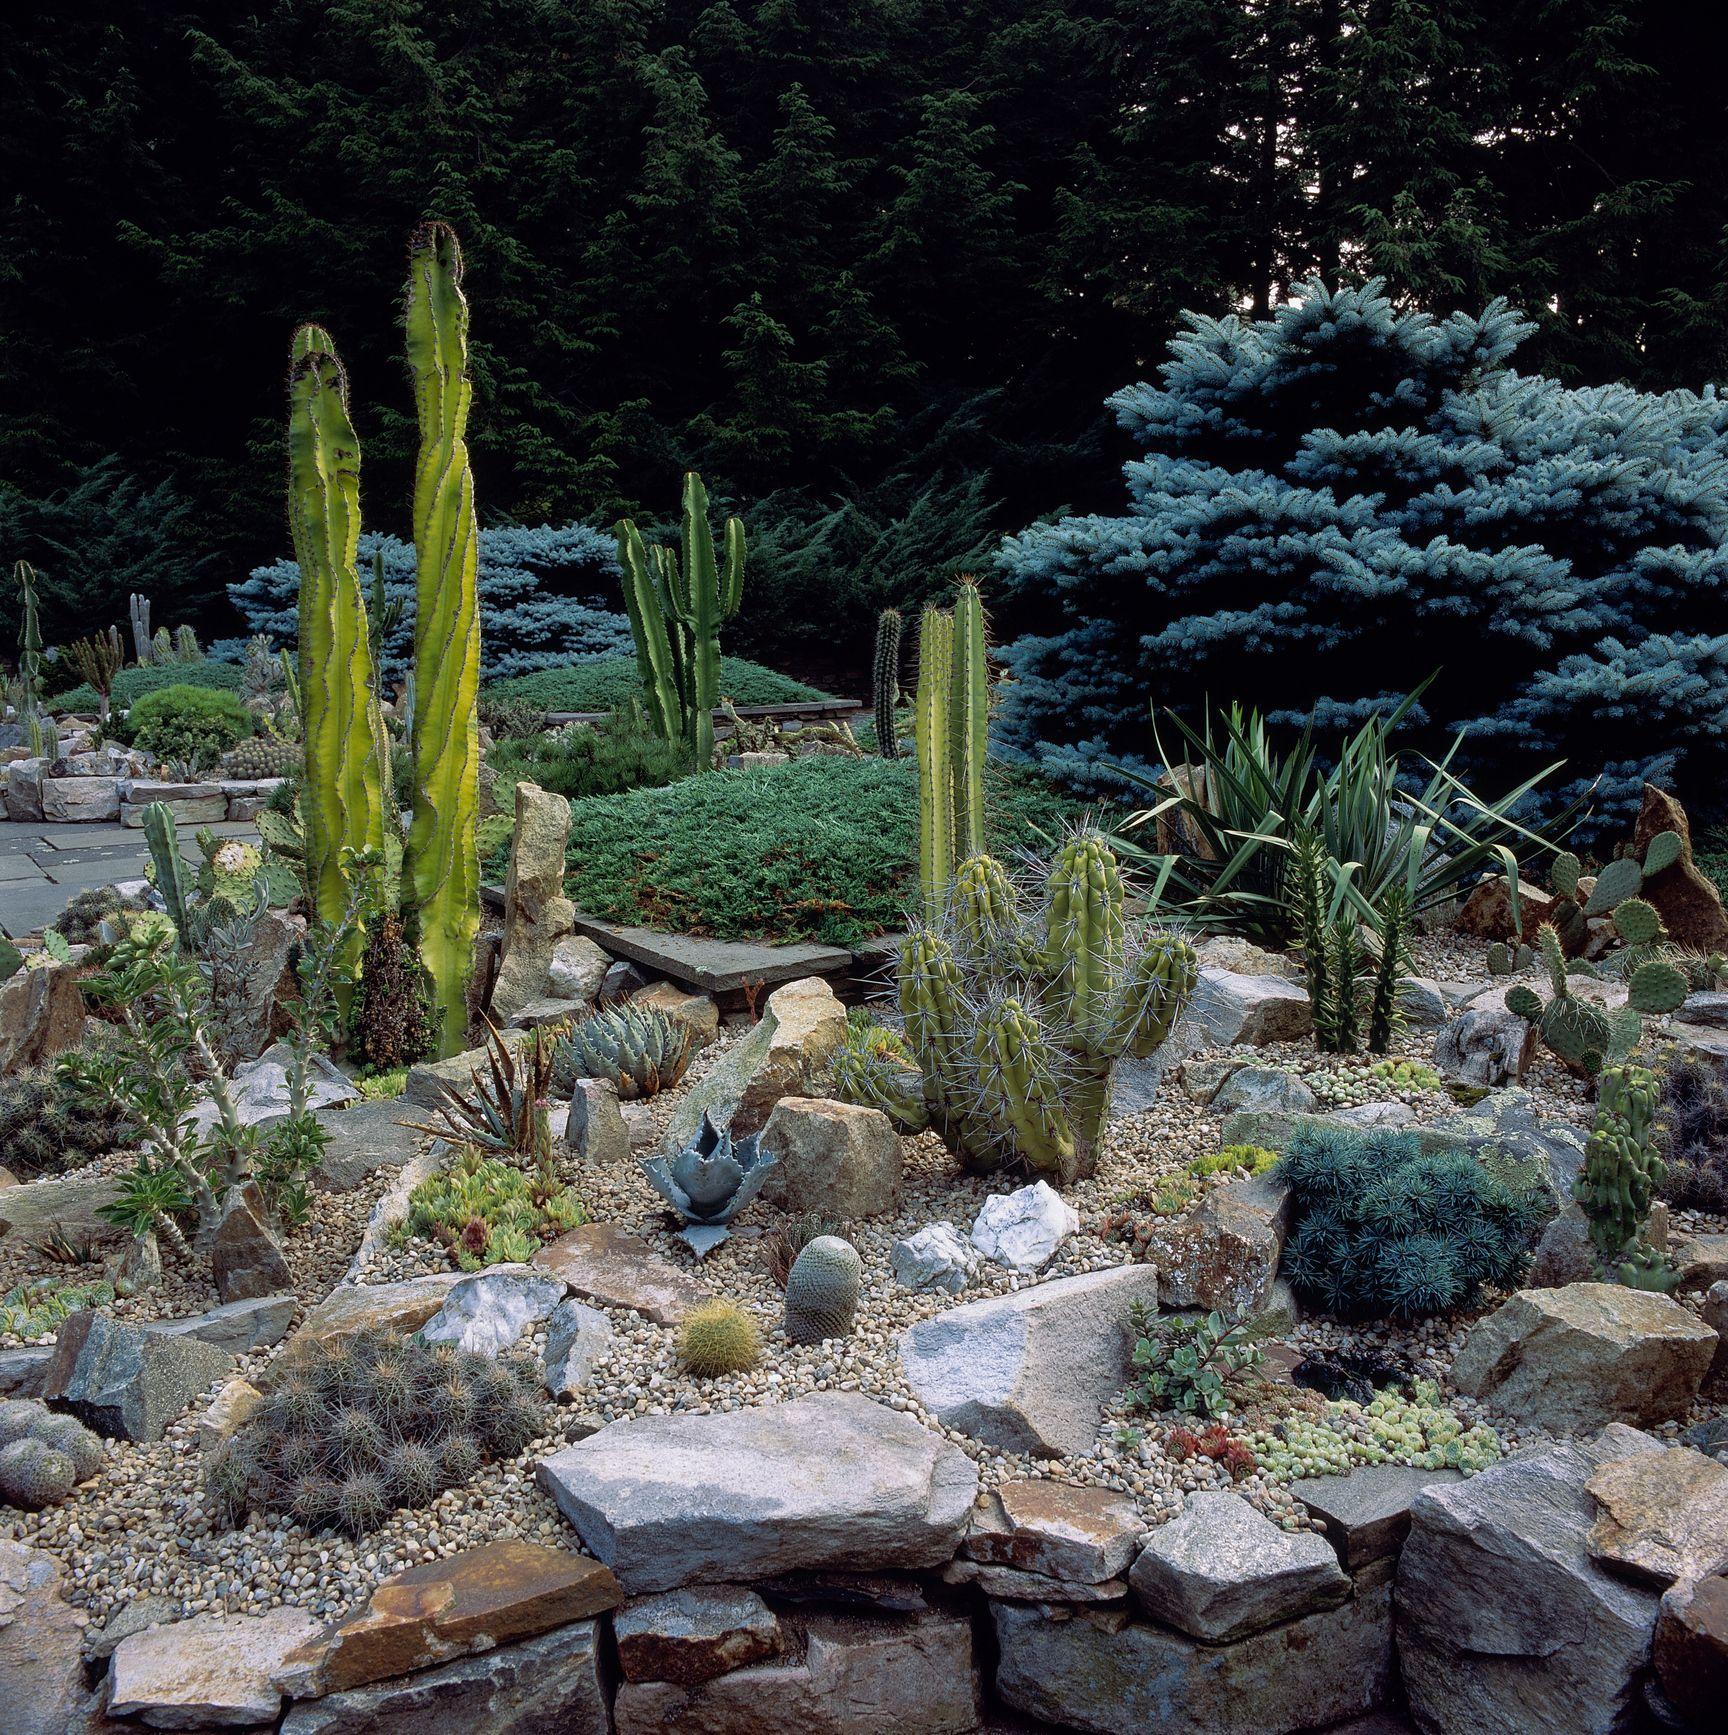 6 Best Rock Garden Ideas - Yard Landscaping with Rocks on Backyard Rock Designs id=54117